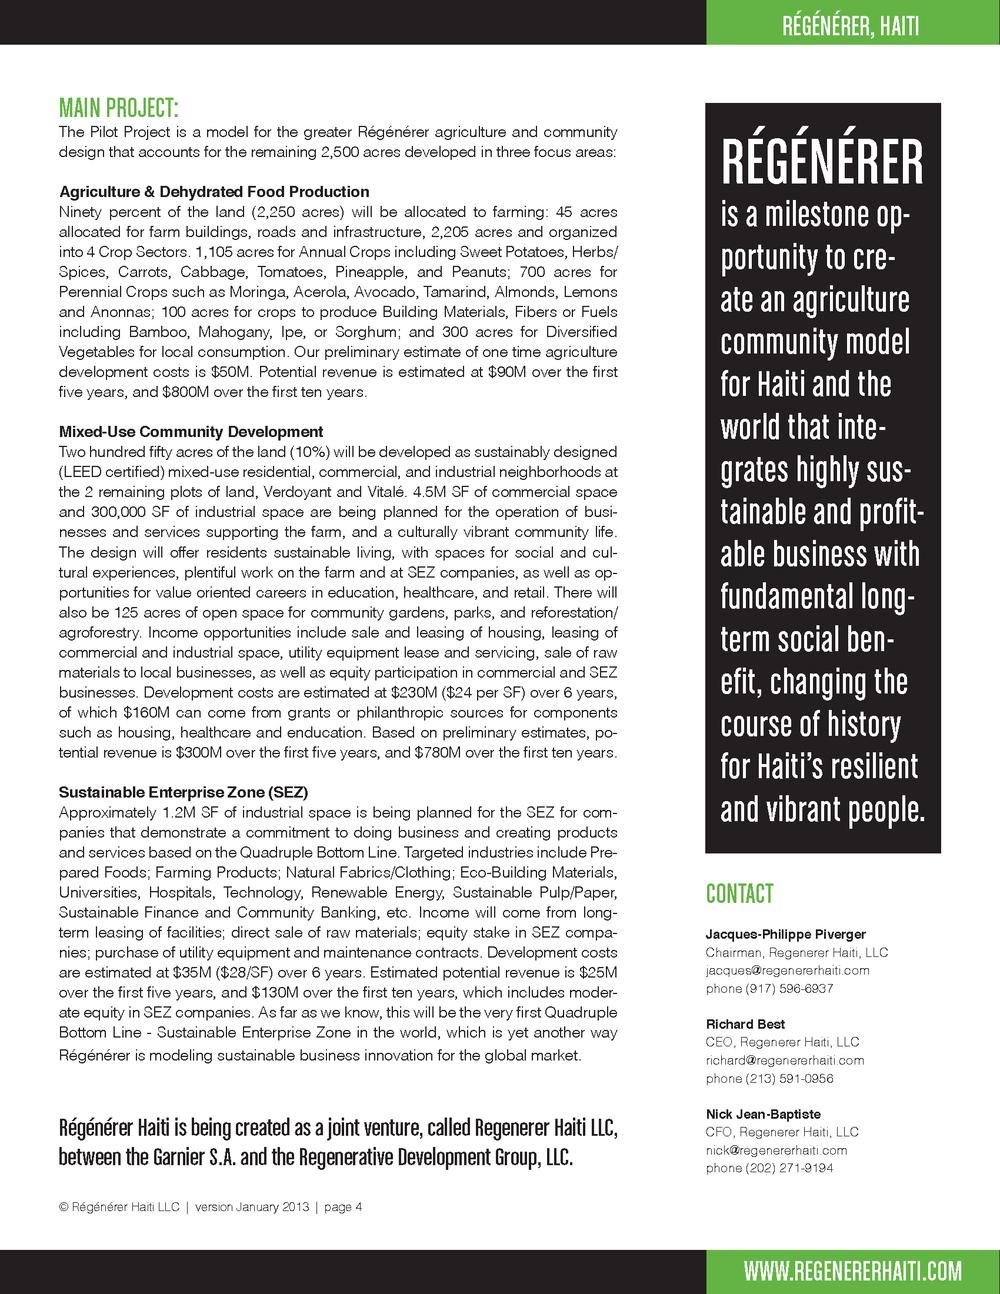 RegenererHaitiPILOTPROJECTBrochure-2500-Jan2013-v2_Page_4.png